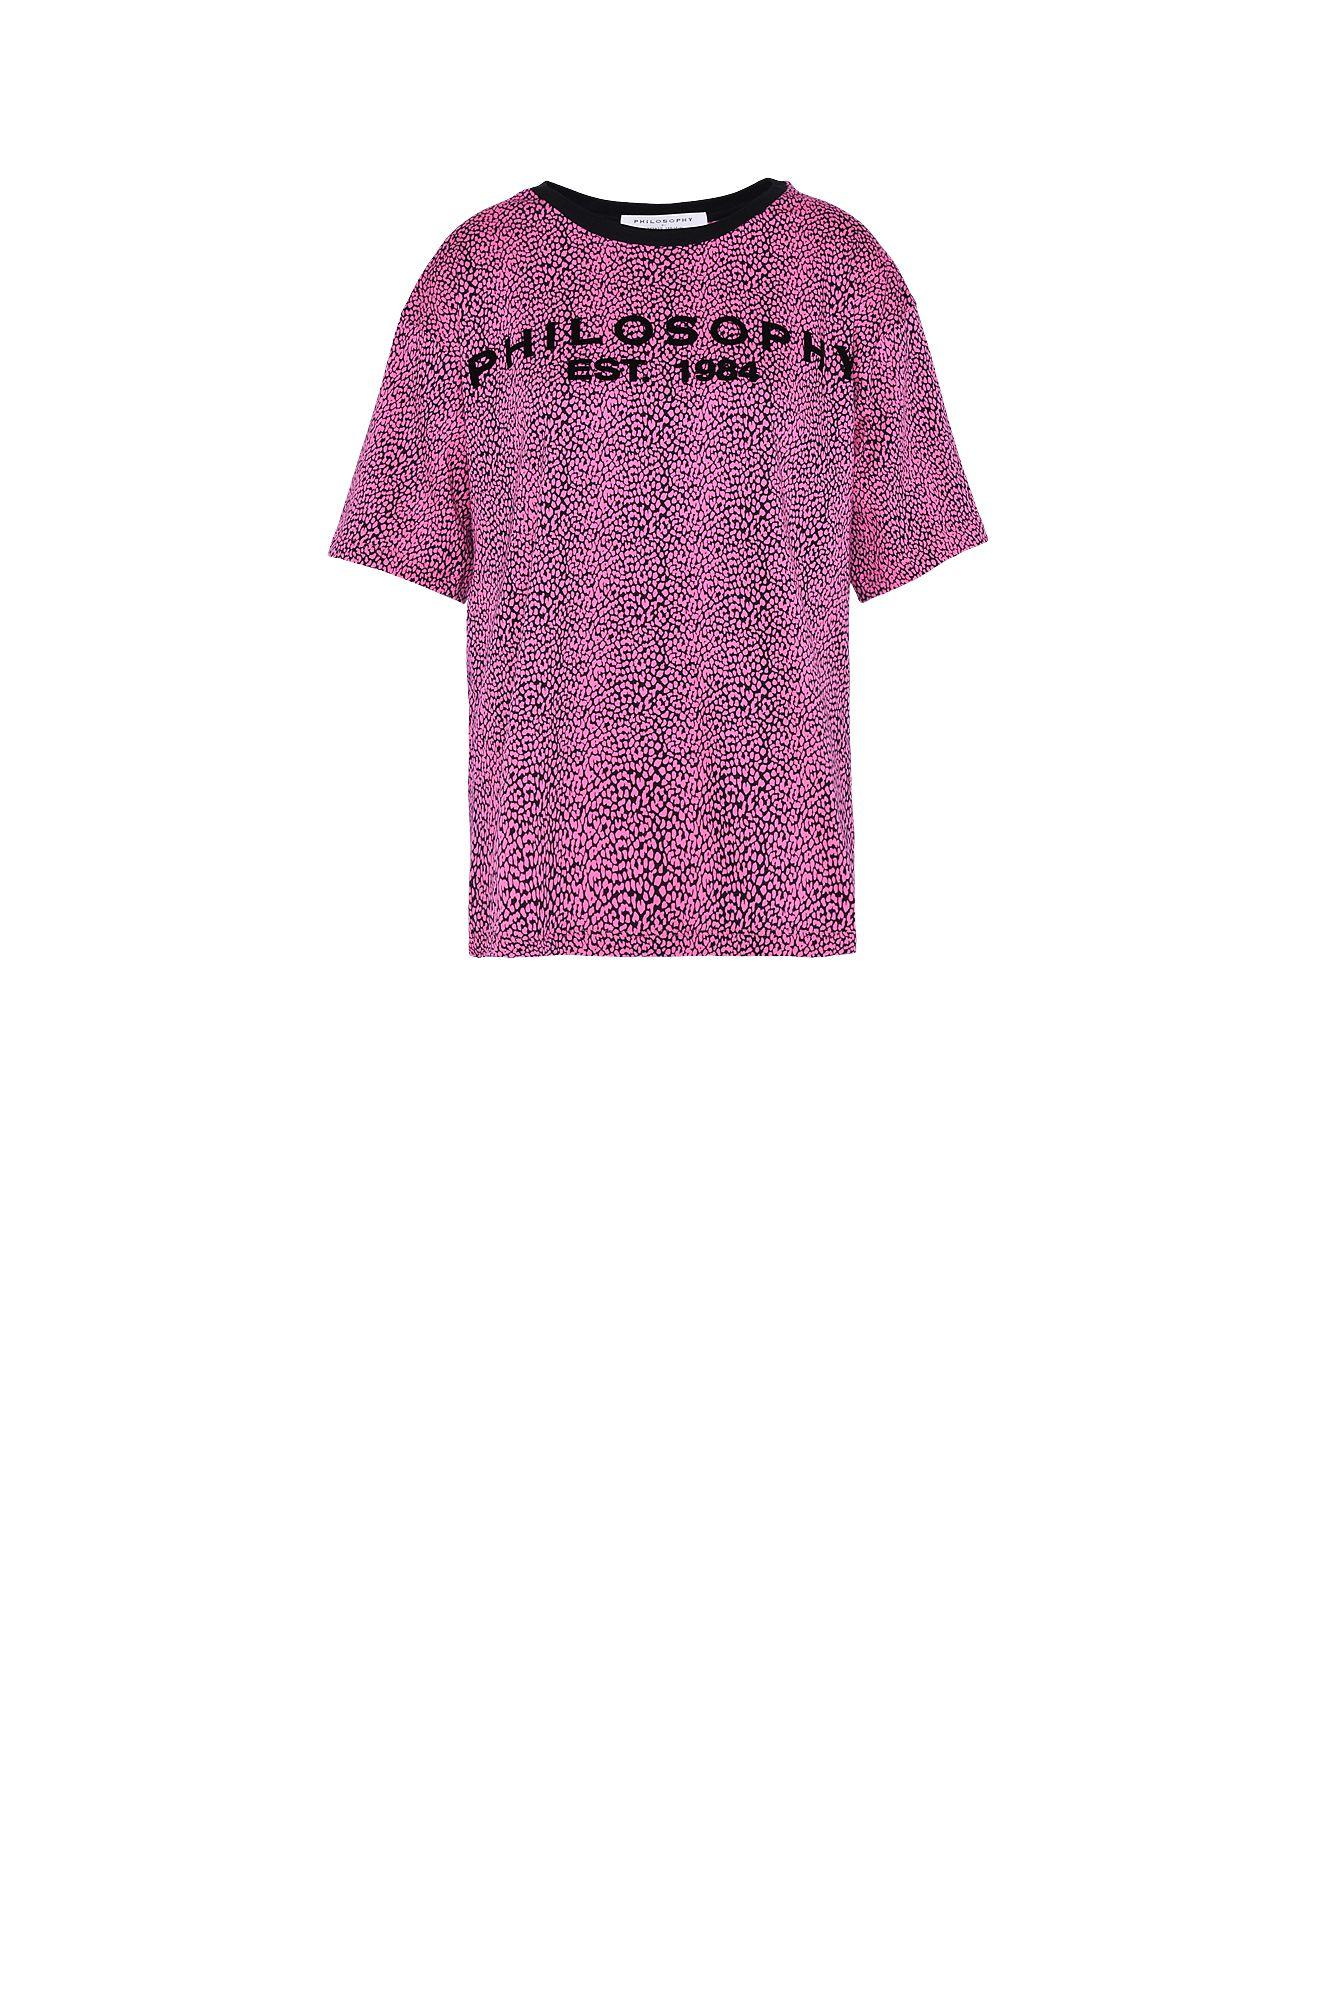 小さな斑点柄赤紫Tシャツ